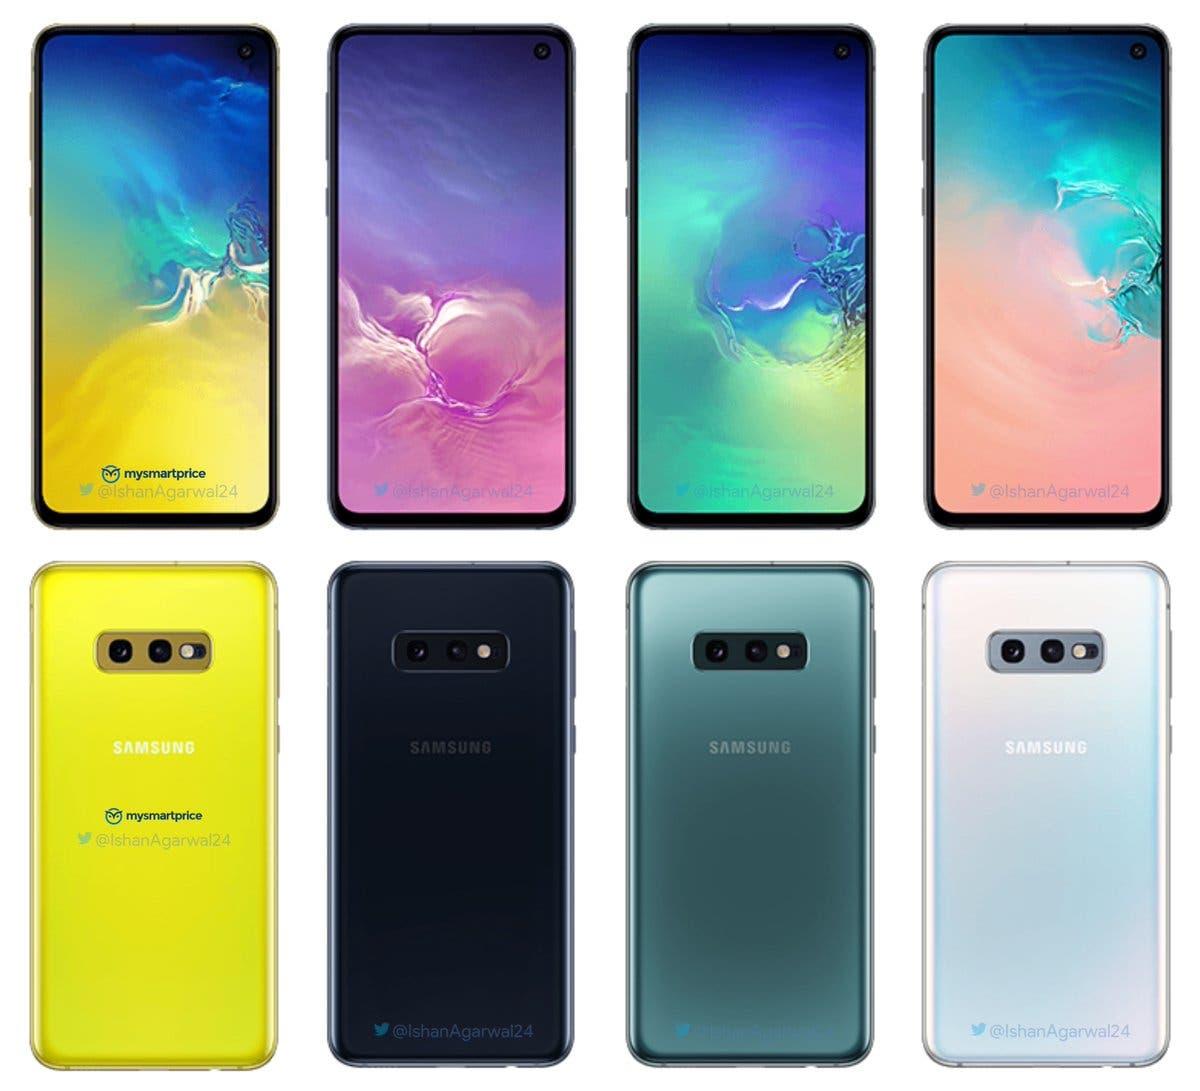 Samsung presentará su smartphone flexible el 20 de febrero